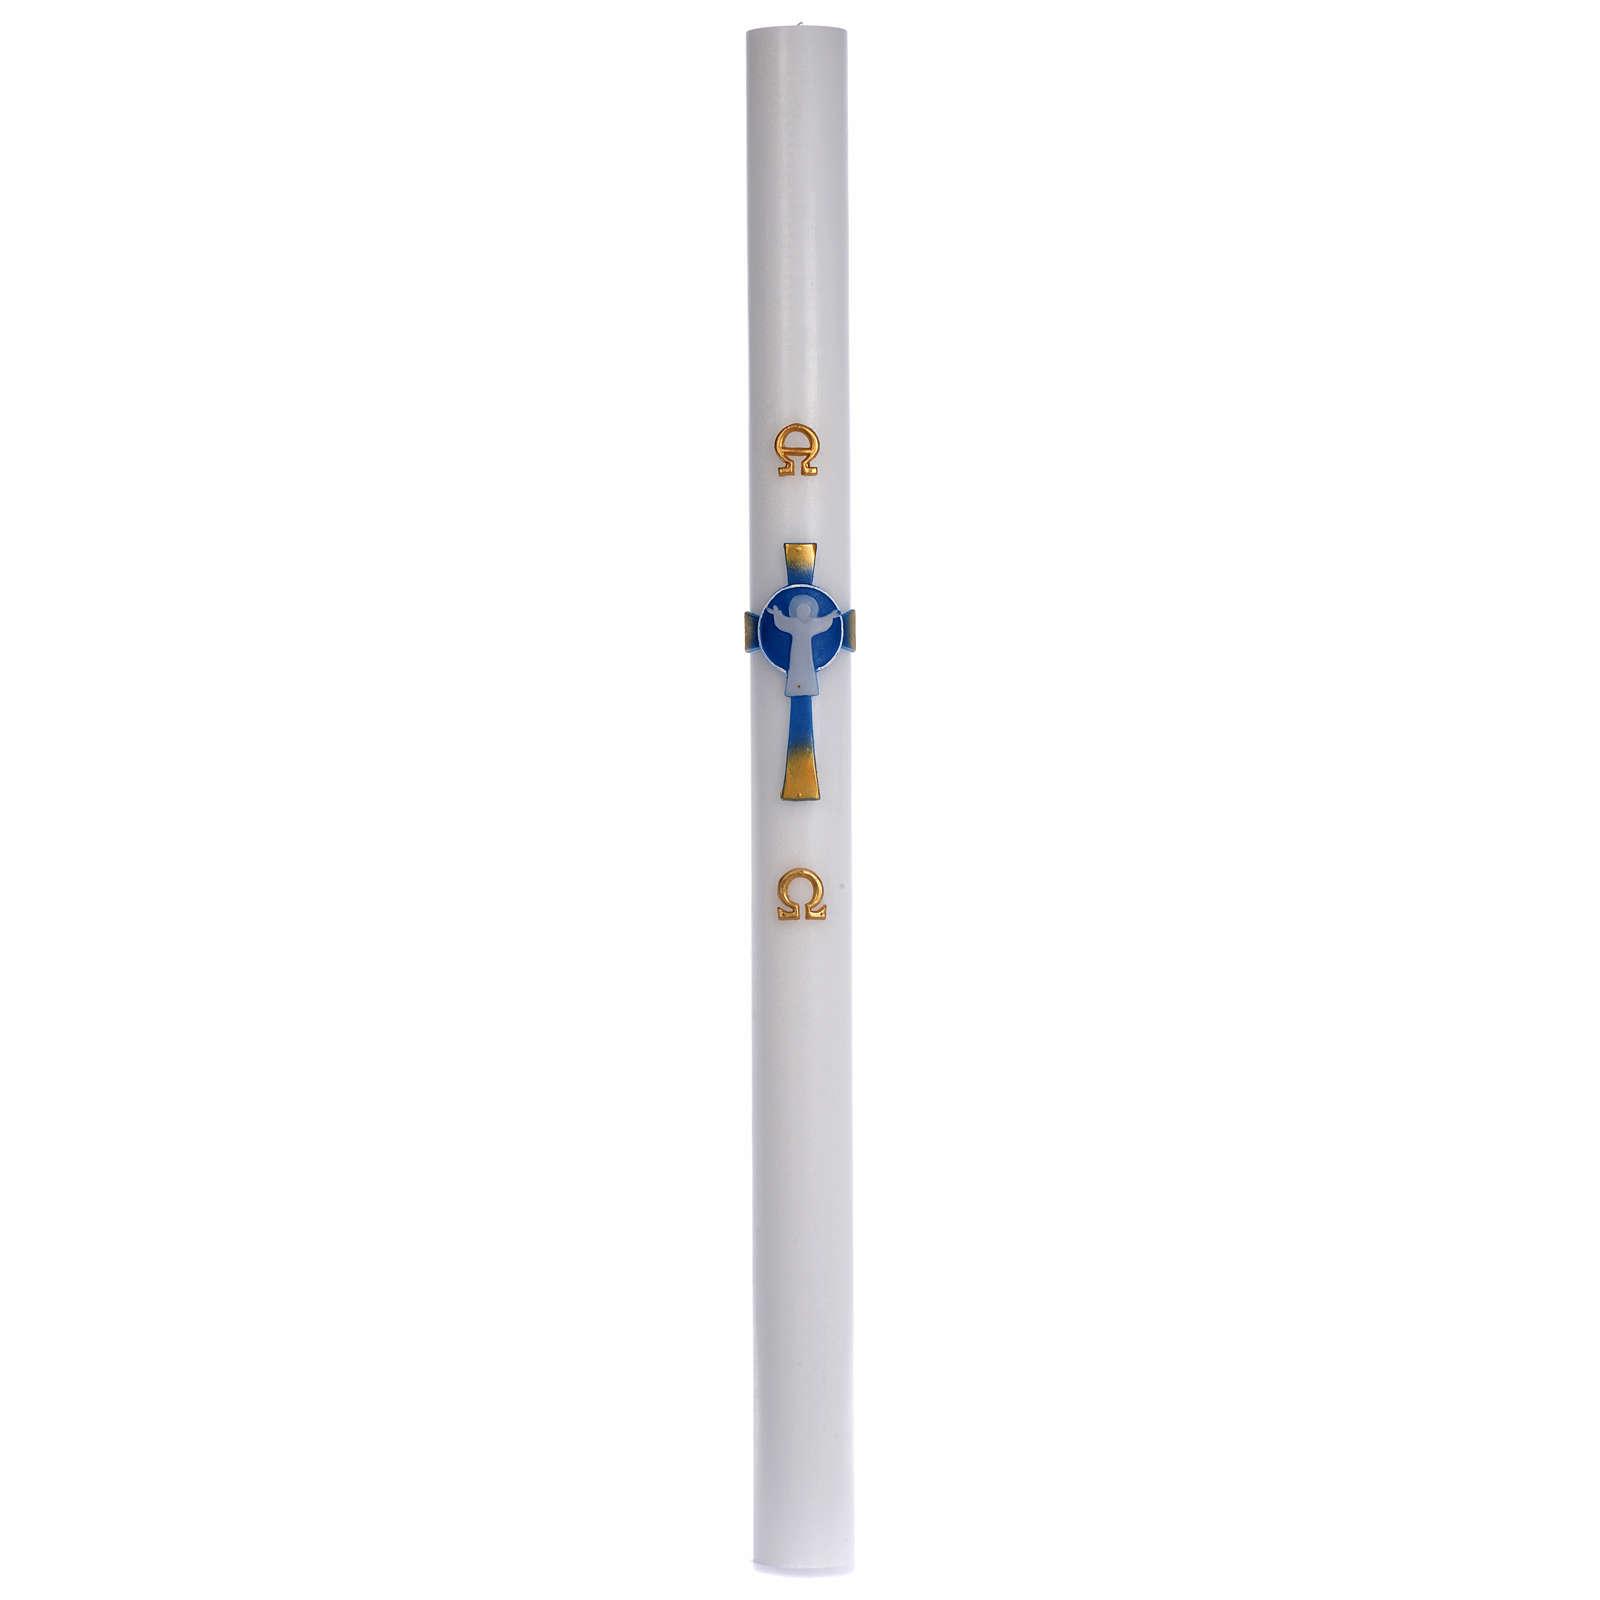 Paschał wosk biały Krzyż Zmartwychwstały błękitny 8x120 cm 3